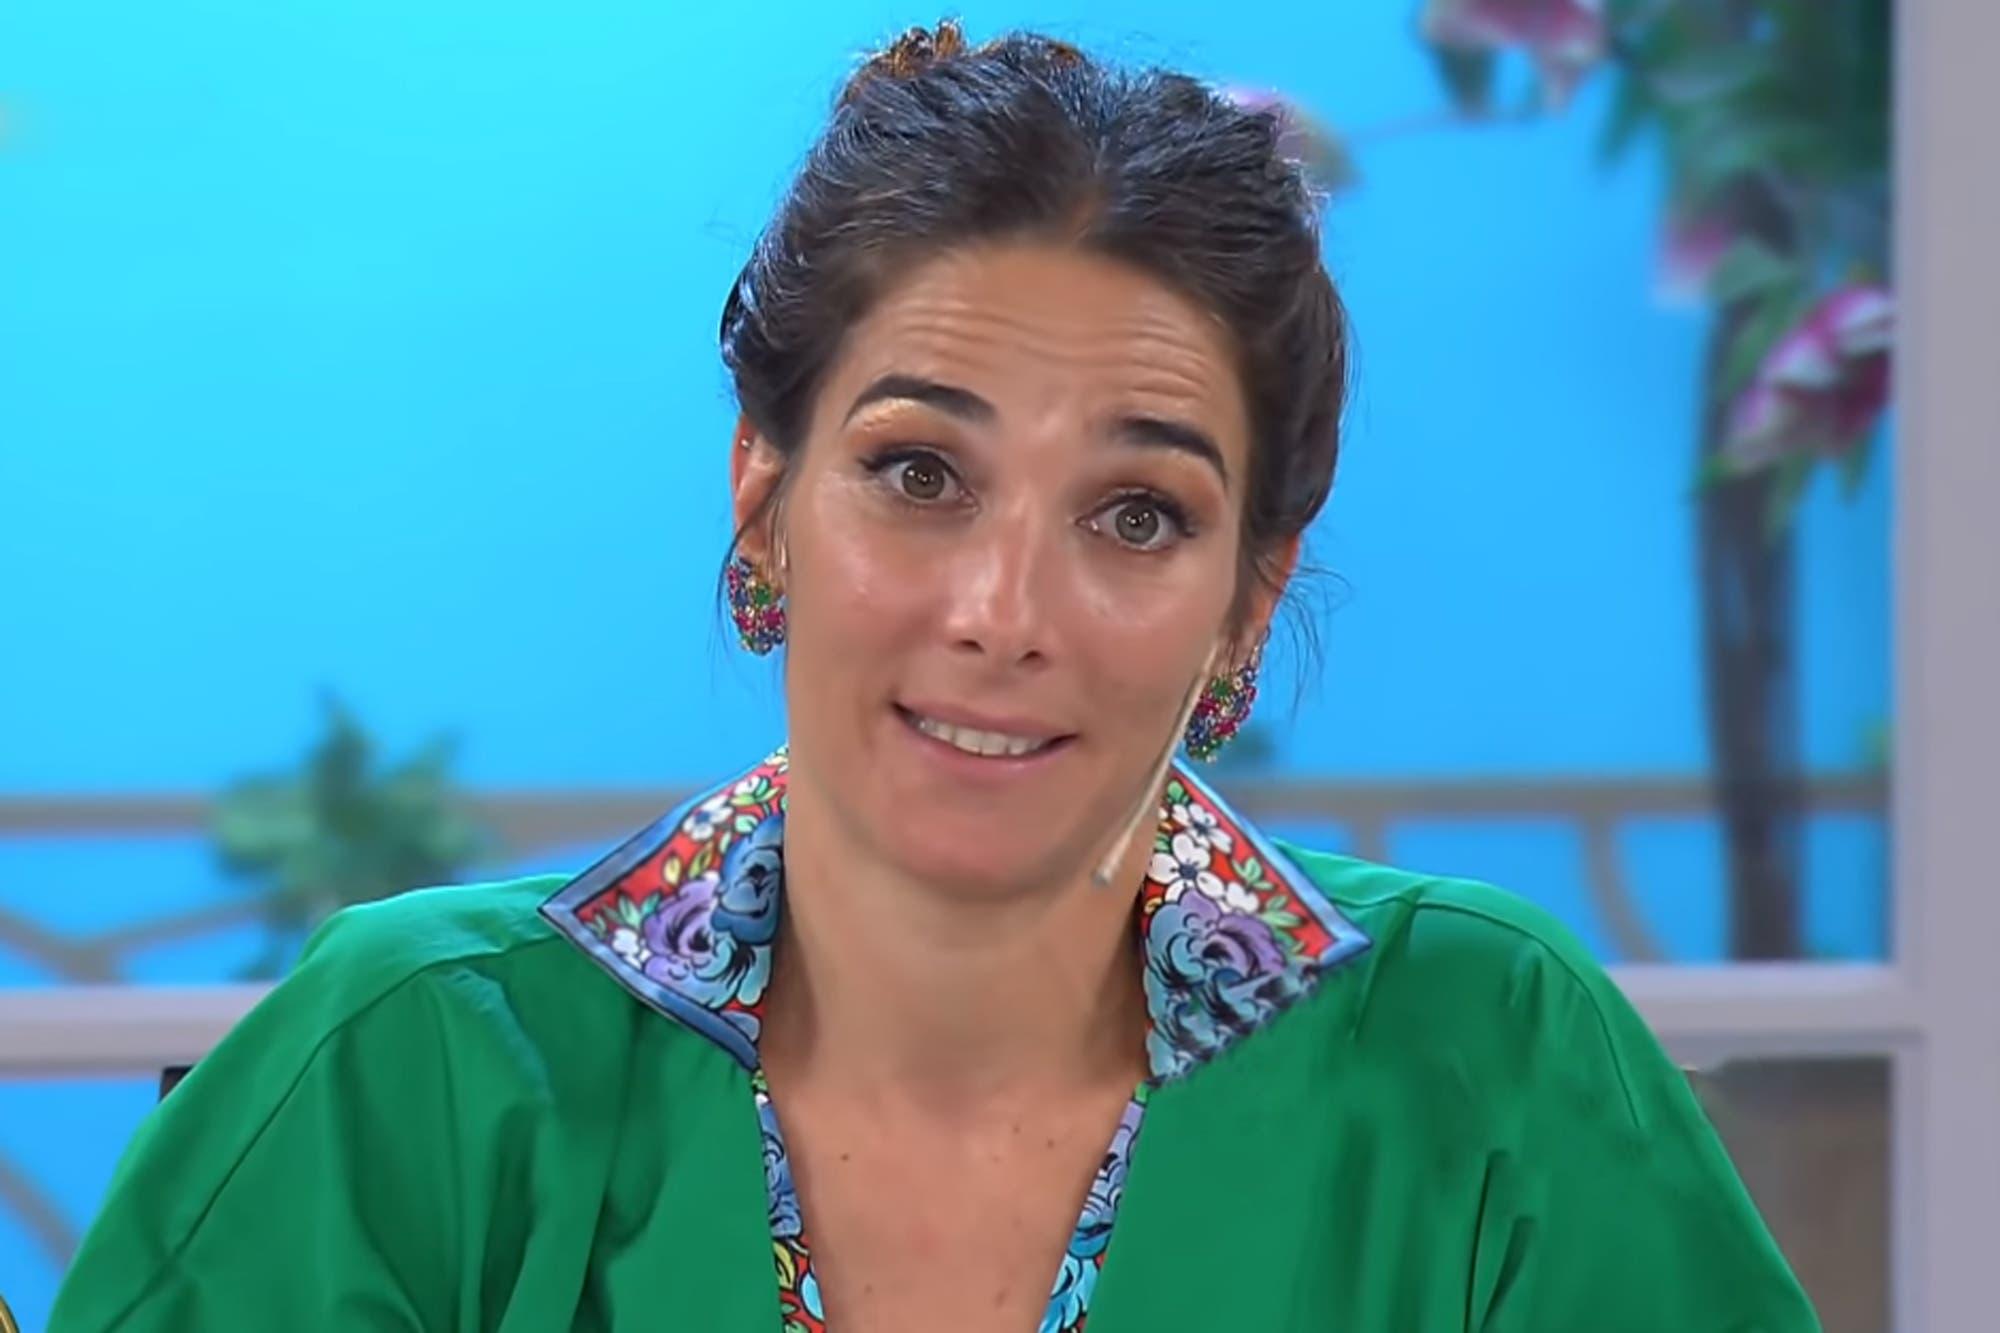 Almorzando con Mirtha Legrand: Juana Viale sorprendió al confesar su faceta más desenfrenada